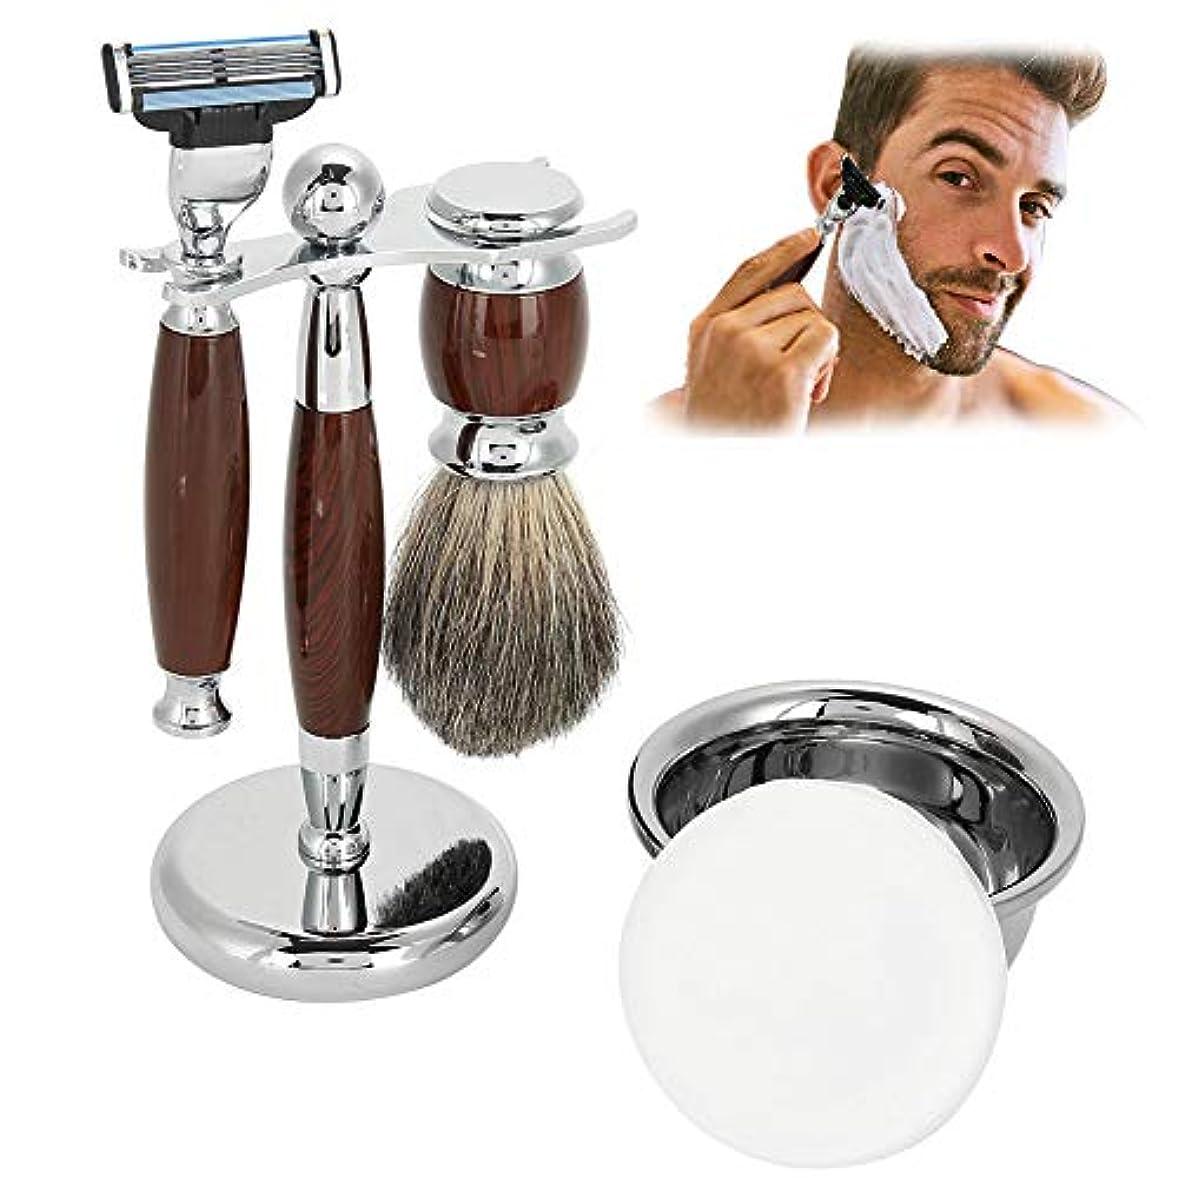 合わせて機転従順Semme 5 in 1シェービングセットメンズ耐久性のある剃毛ツール高級木製ハンドル手動シェーバーブラシスタンドステンレス鋼シェービングボウルと石鹸(#1(模造木箱))